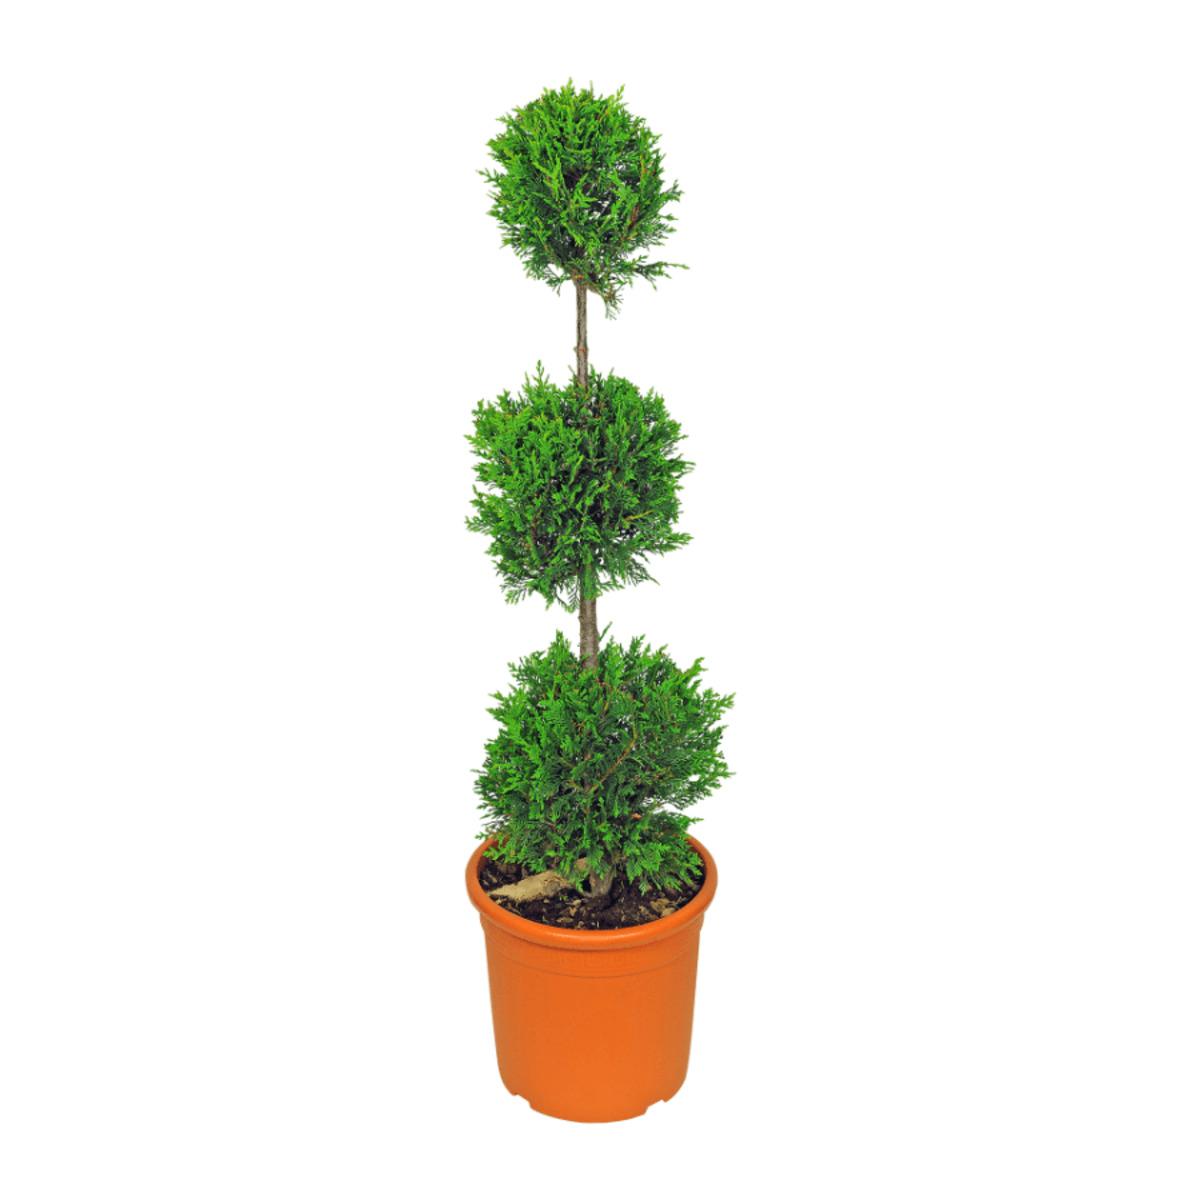 Bild 4 von GARDEN FEELINGS     Pflanze in Formschnitt